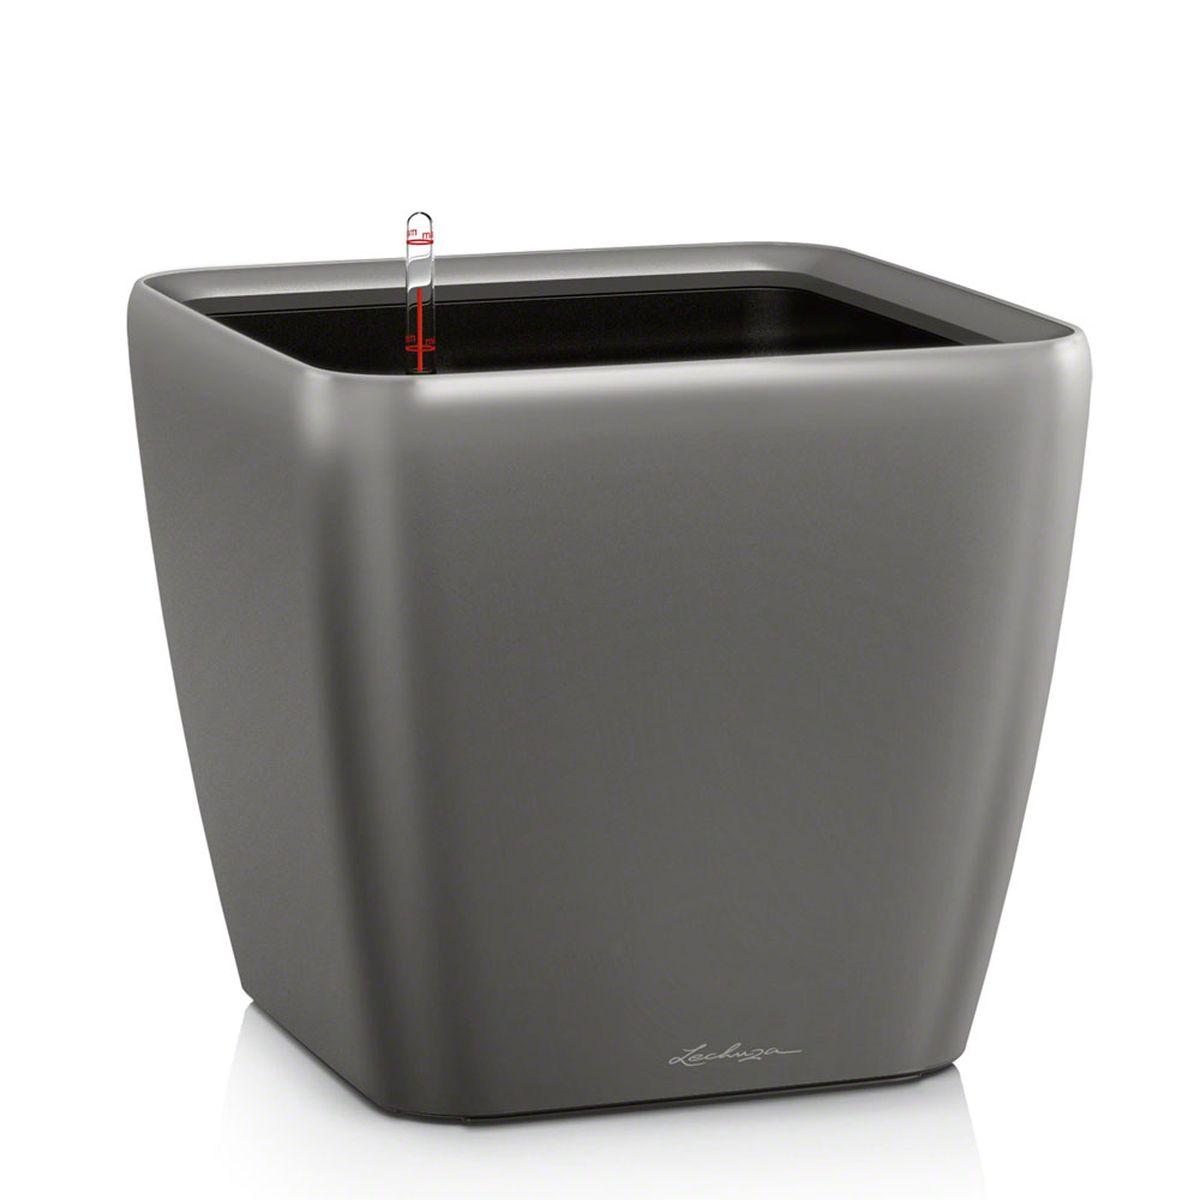 Кашпо Lechuza Quadro, с системой автополива, цвет: антрацит, 33 х 33 х 35 смING46016ПРКашпо Lechuza Quadro, выполненное из высококачественного пластика, имеет уникальную систему автополива, благодаря которой корневая система растения непрерывно снабжается влагой из резервуара. Уровень воды в резервуаре контролируется с помощью специального индикатора. В зависимости от размера кашпо и растения воды хватает на 2-12 недель. Это способствует хорошему росту цветов и предотвращает переувлажнение.В набор входит: кашпо, внутренний горшок, индикатор уровня воды, вал подачи воды, субстрат растений в качестве дренажного слоя, резервуар для воды.Кашпо Lechuza Quadro прекрасно впишется в любой интерьер. Оно поможет расставить нужные акценты и придаст помещению вид, соответствующий вашим представлениям.